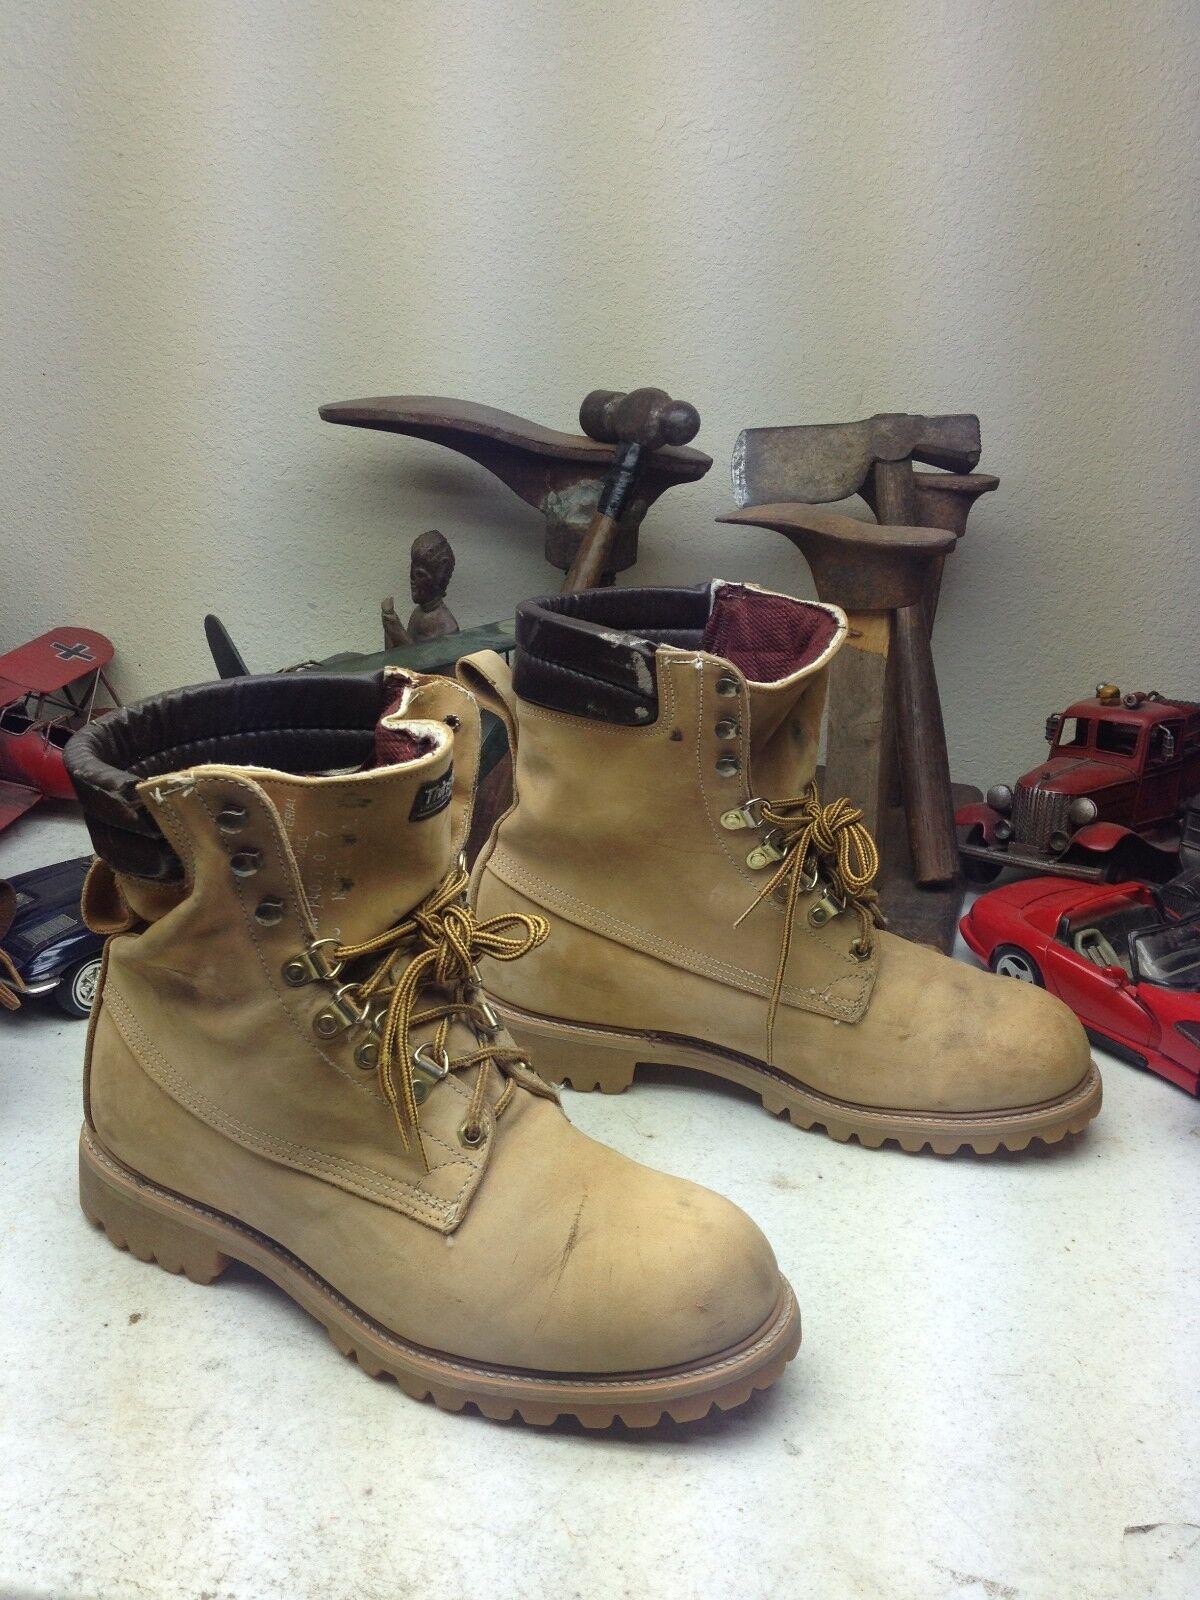 Hecho en EE. UU. Dunham rubia Cuero Con Cordones botas empaquetador trabajo tarea camionegro 10.5MW